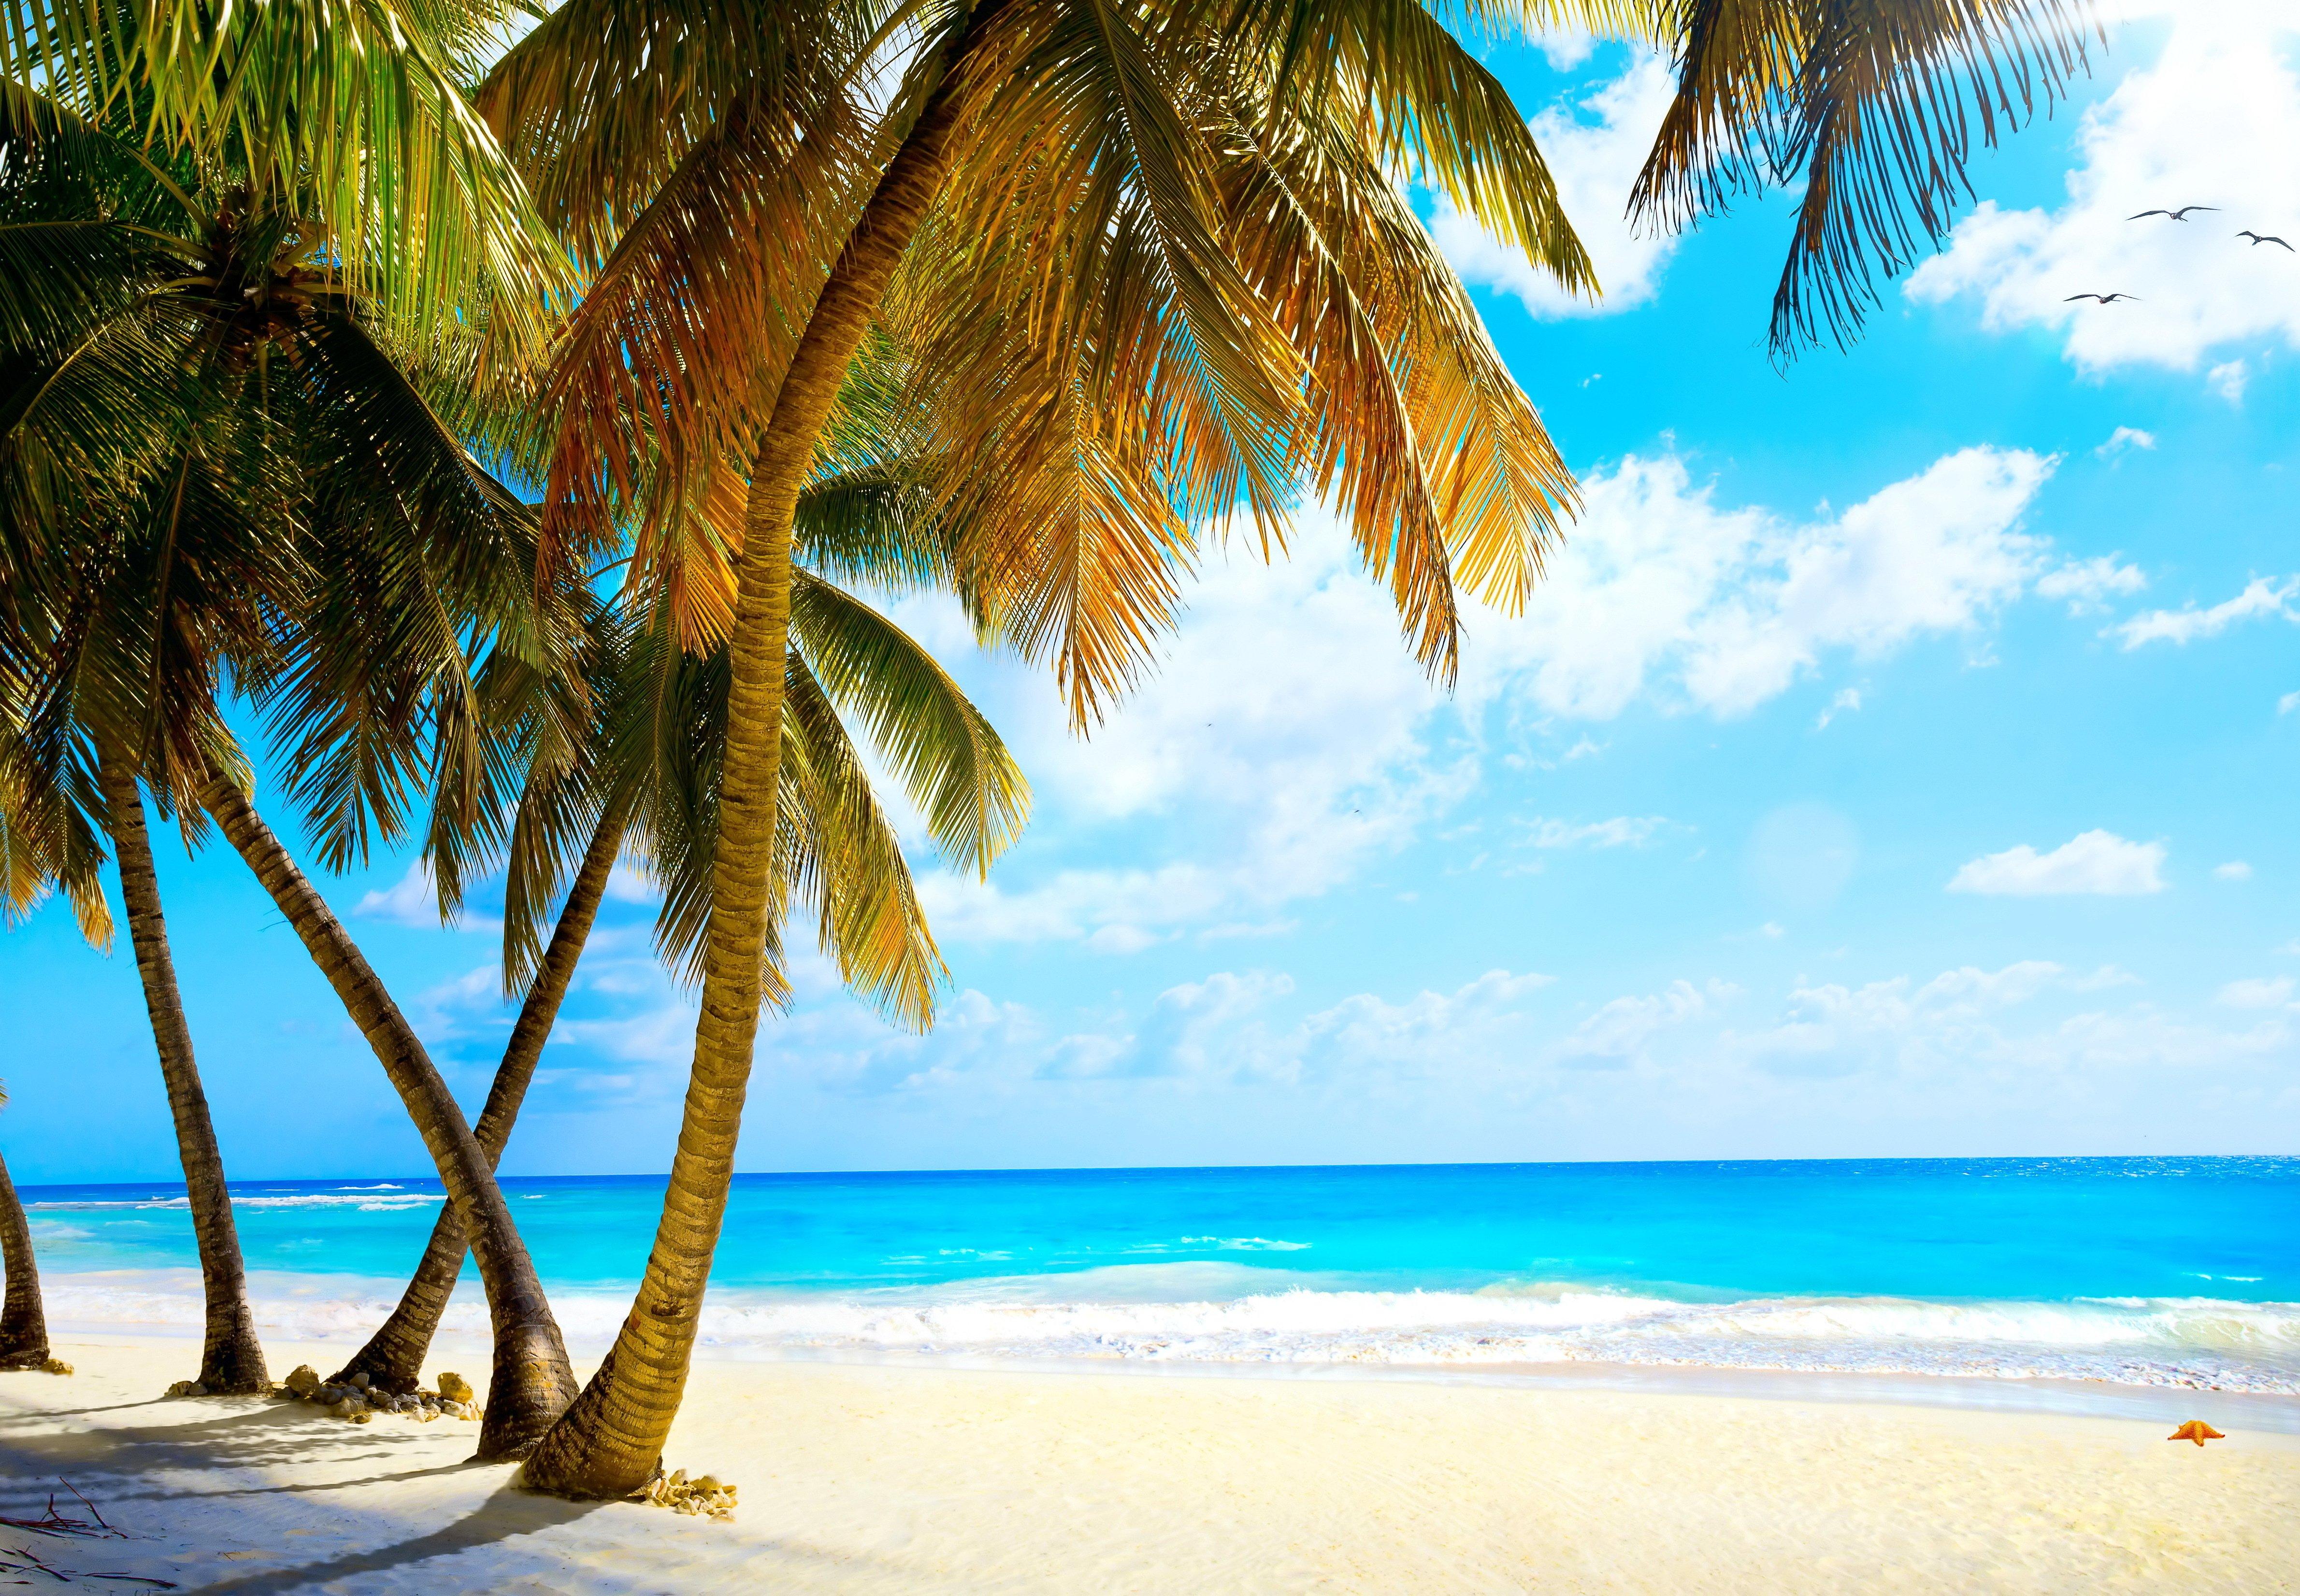 ocean landscapes beach paradise - photo #42